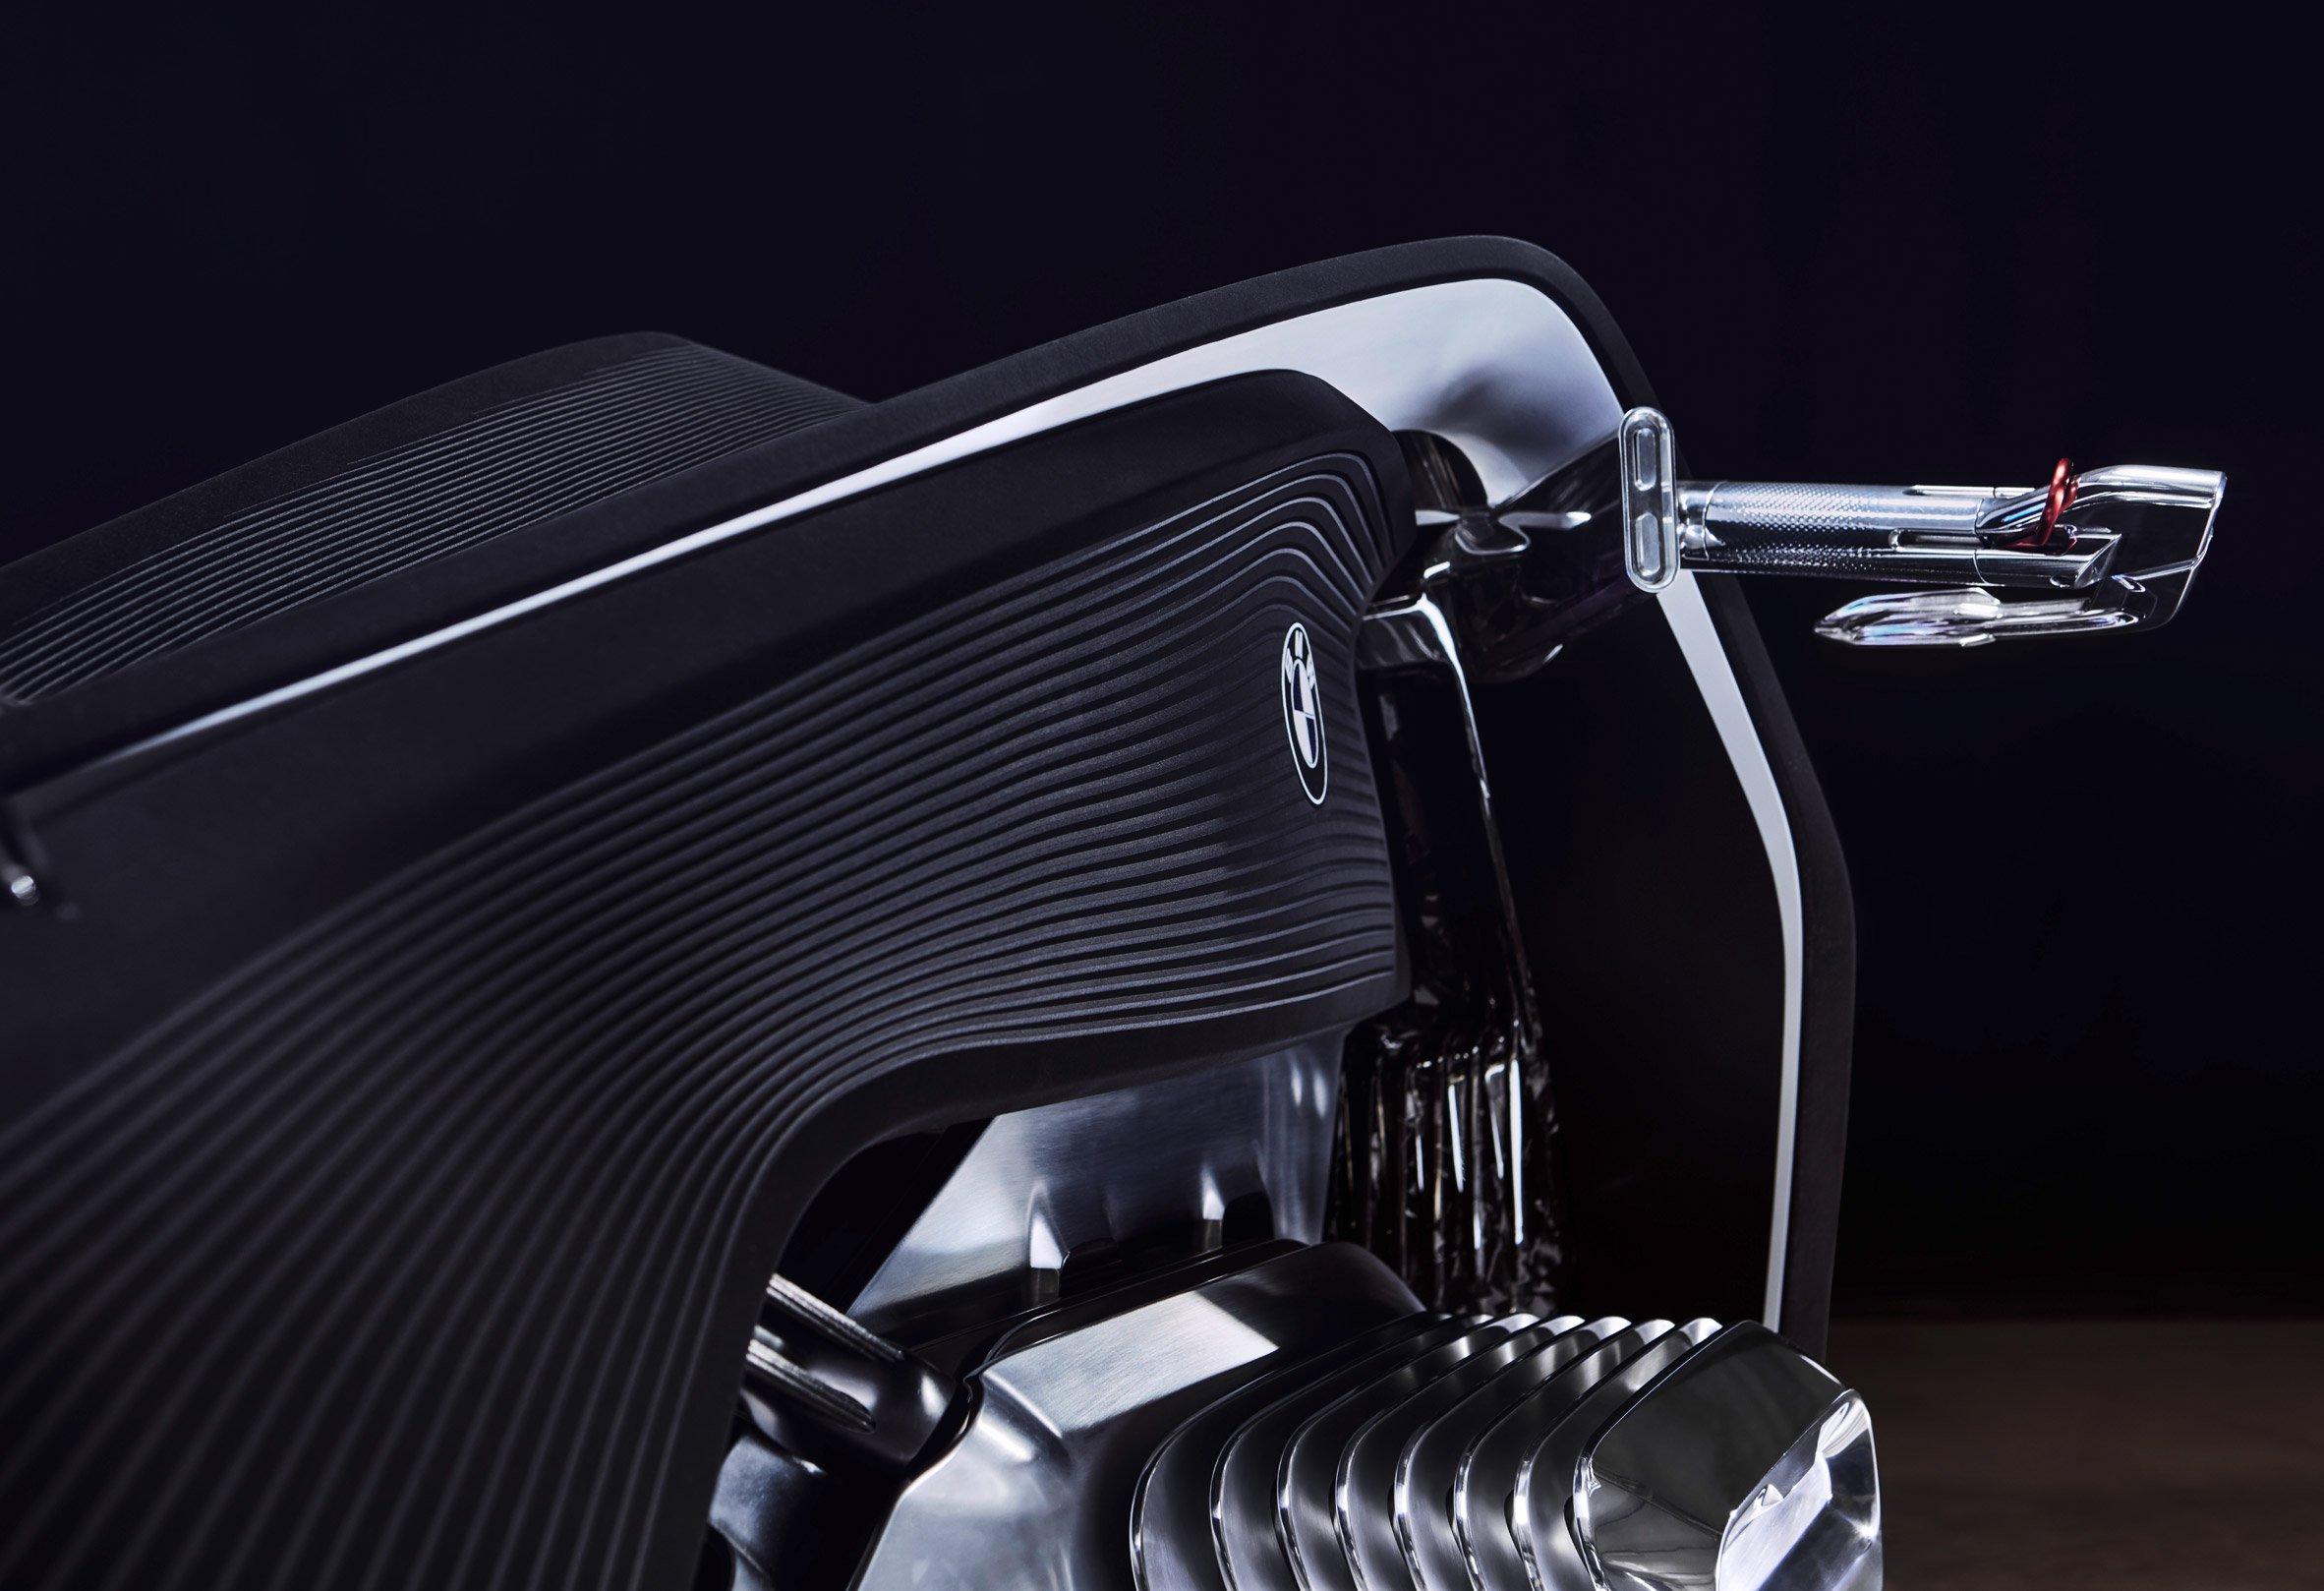 bmw-motorbike-vision-next-100-transport-vehicle-design_dezeen_2364_col_6